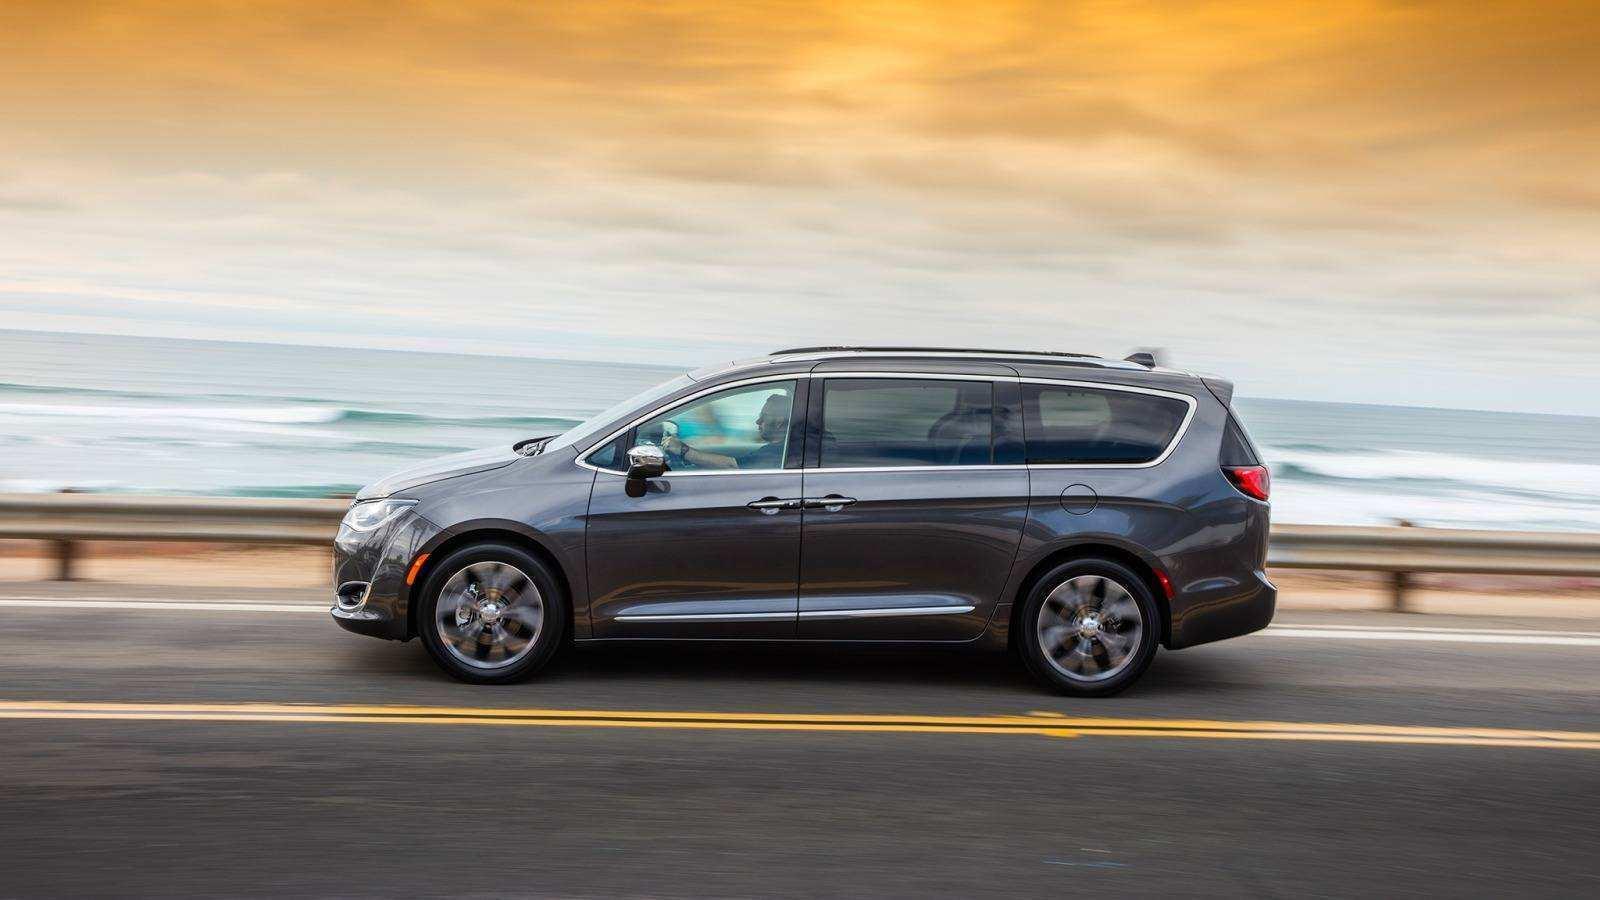 82 New 2019 Chrysler Minivan First Drive for 2019 Chrysler Minivan